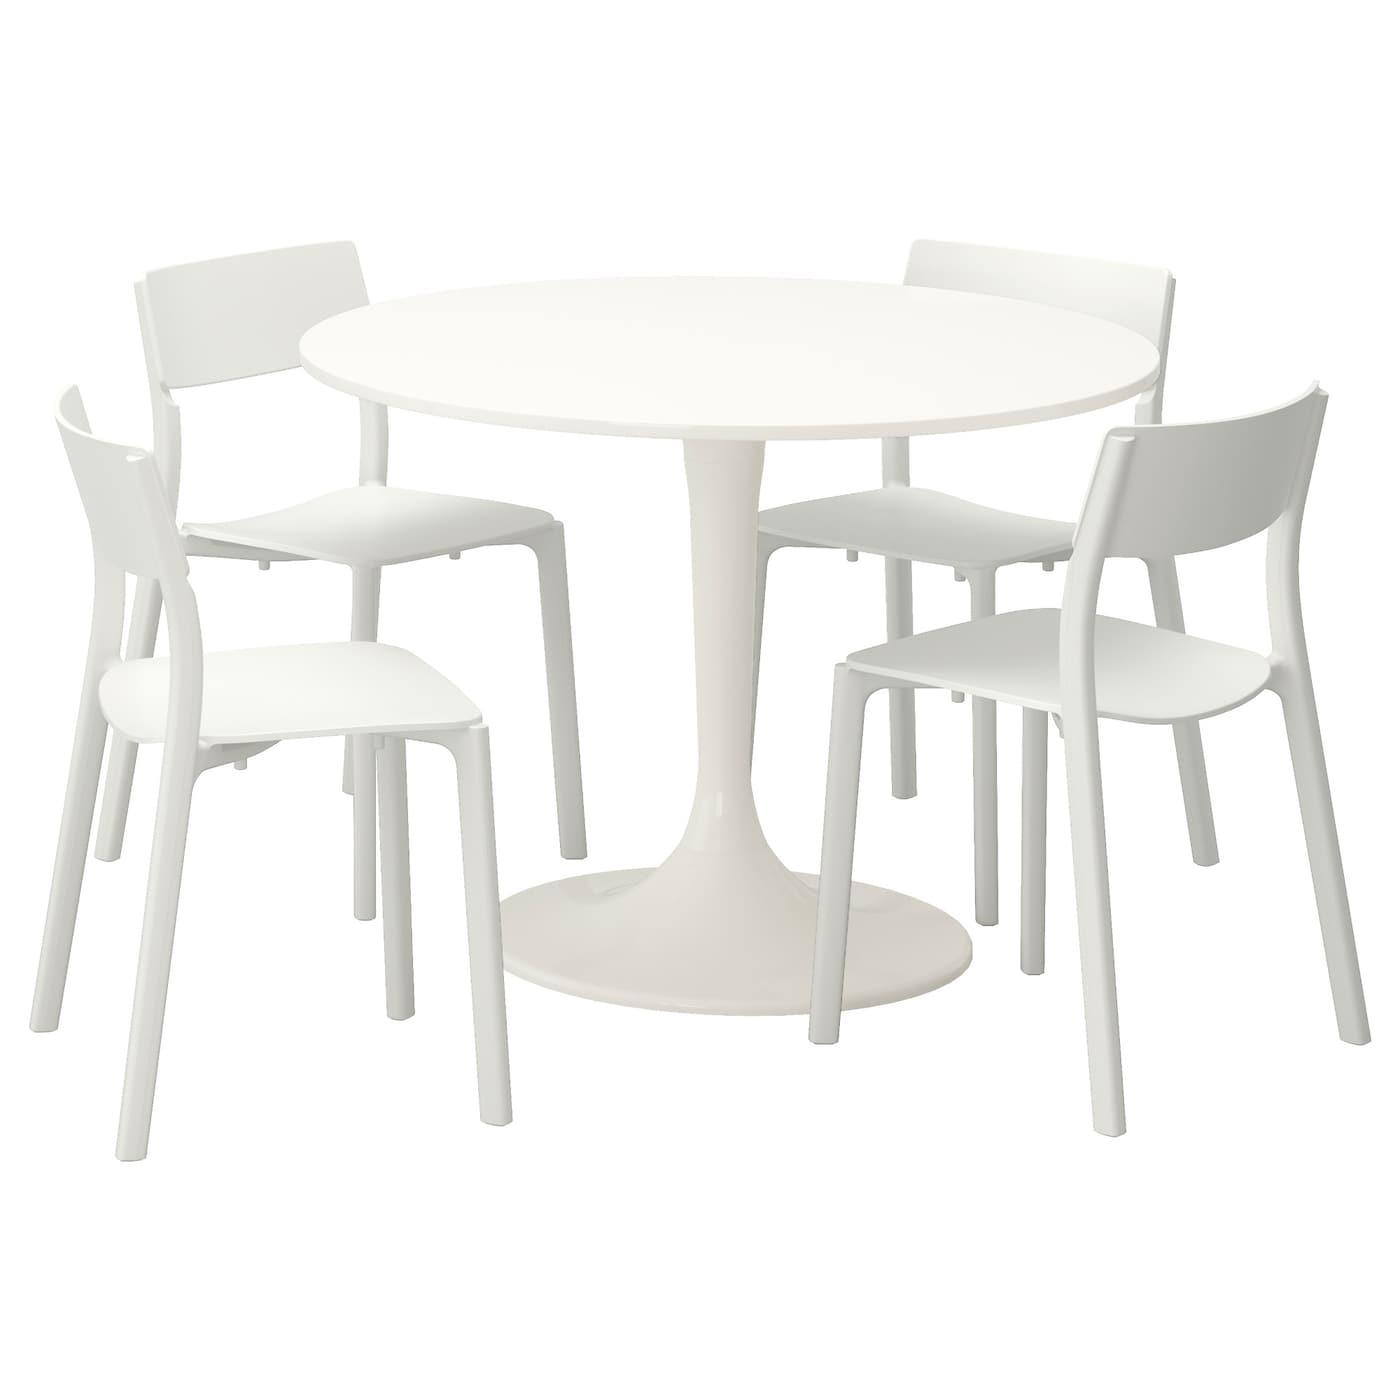 Docksta janinge tafel en 4 stoelen wit wit 105 cm ikea for Ikea kinderstoel en tafel